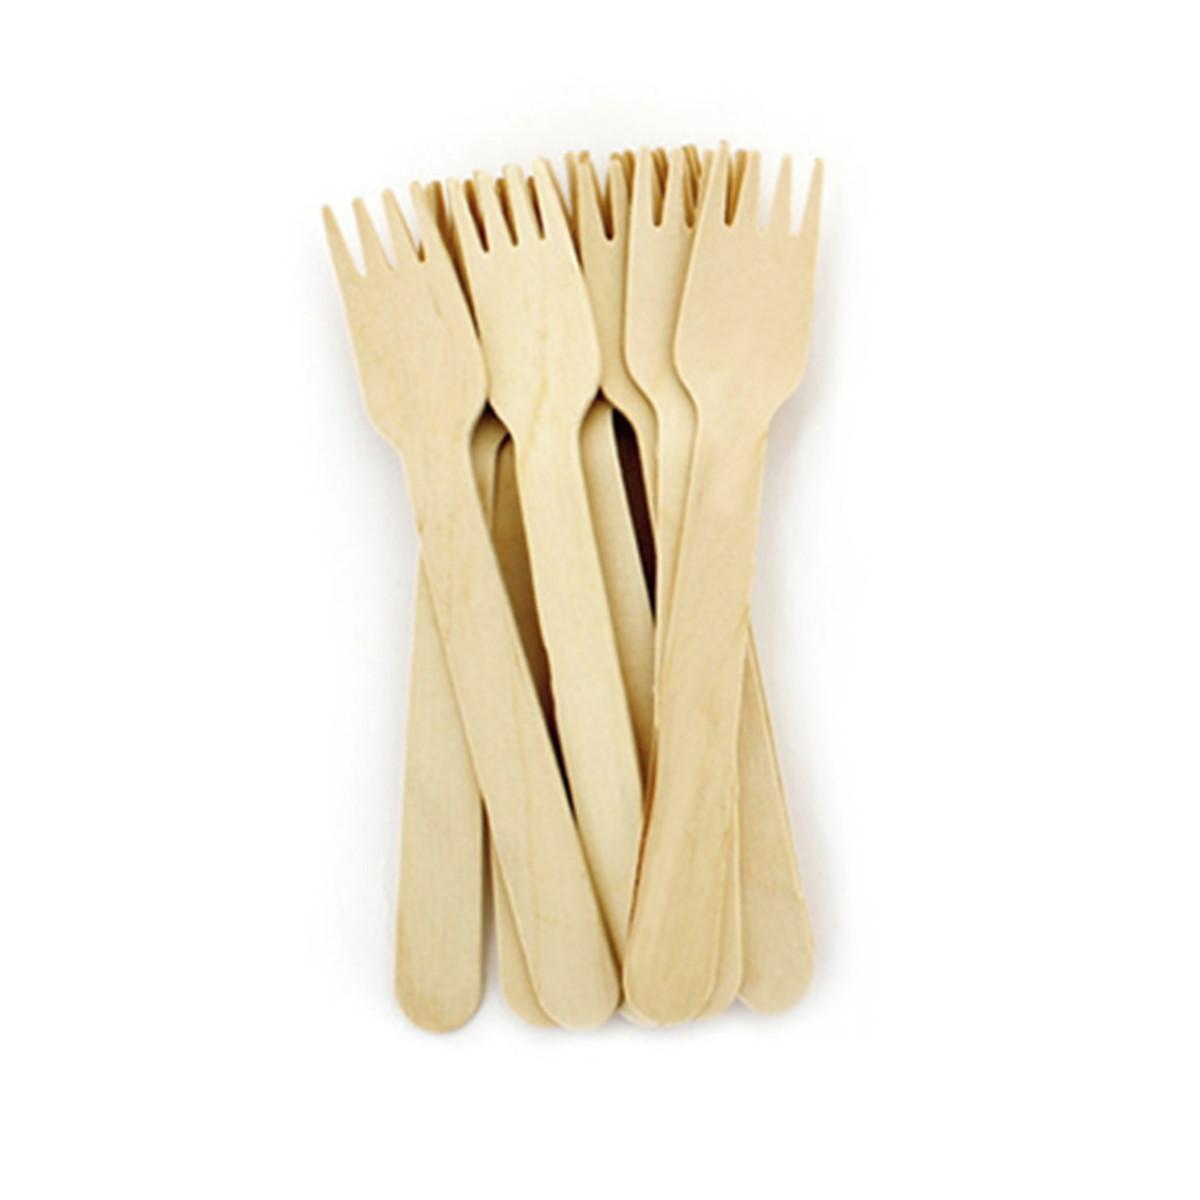 50d5a285f4a Garfo de madeira  10 unidades  Biodegradável no Elo7